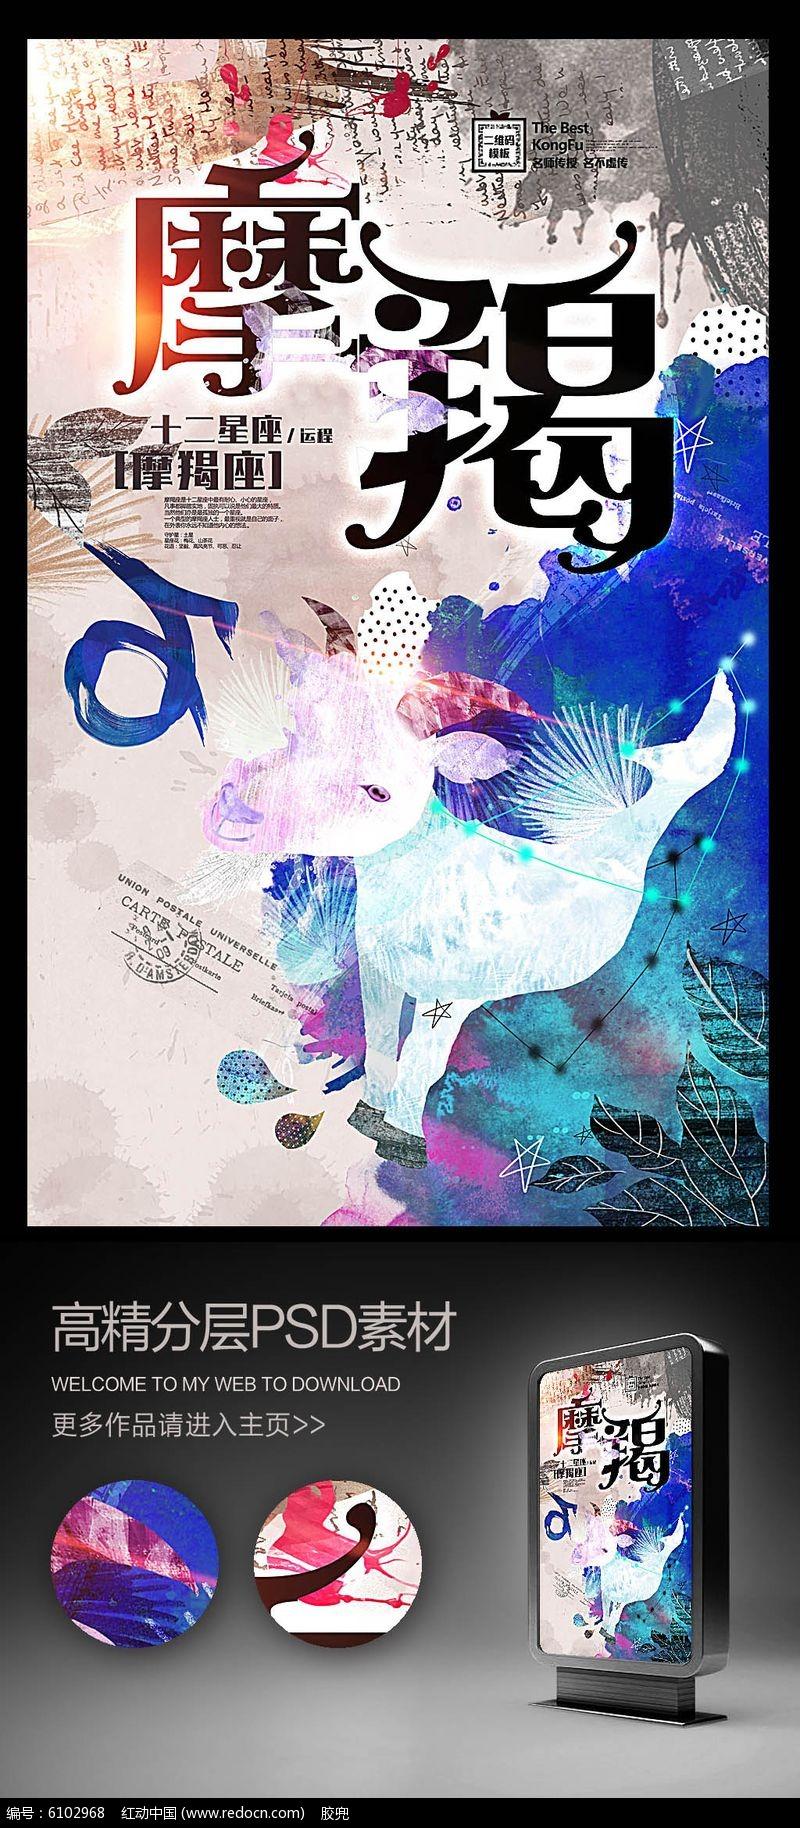 十二星座摩羯座运程海报设计代表座男的射手奥特曼图片